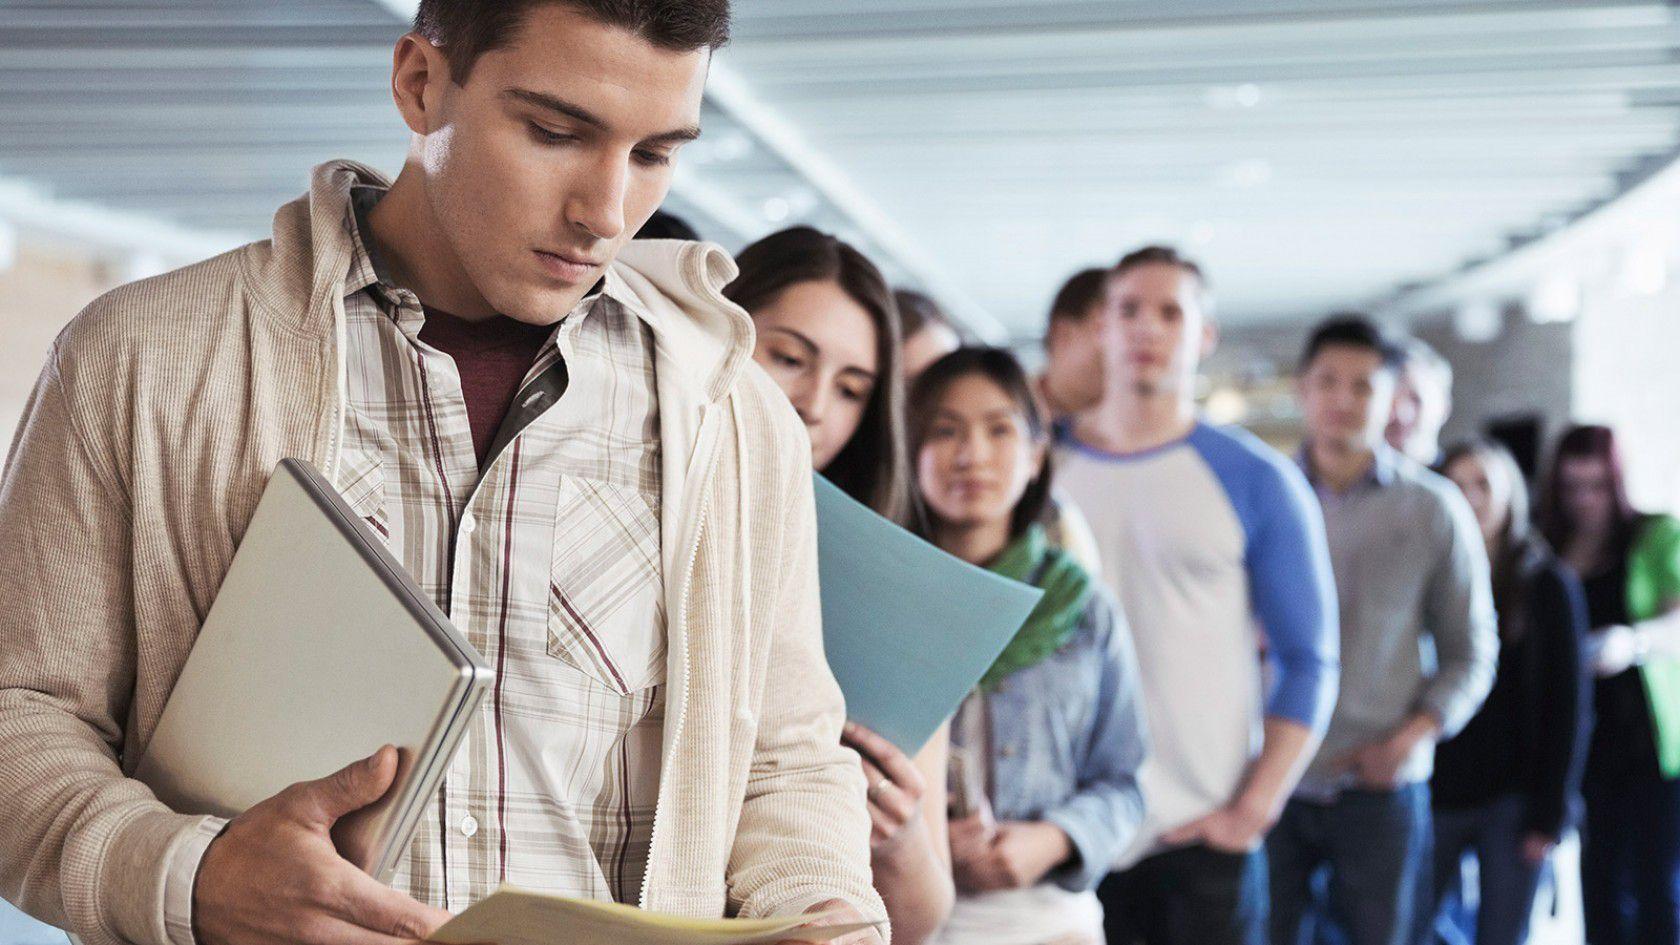 Kanada Devlet Bakanlığı Lise Eğitim Programları Nelerdir?